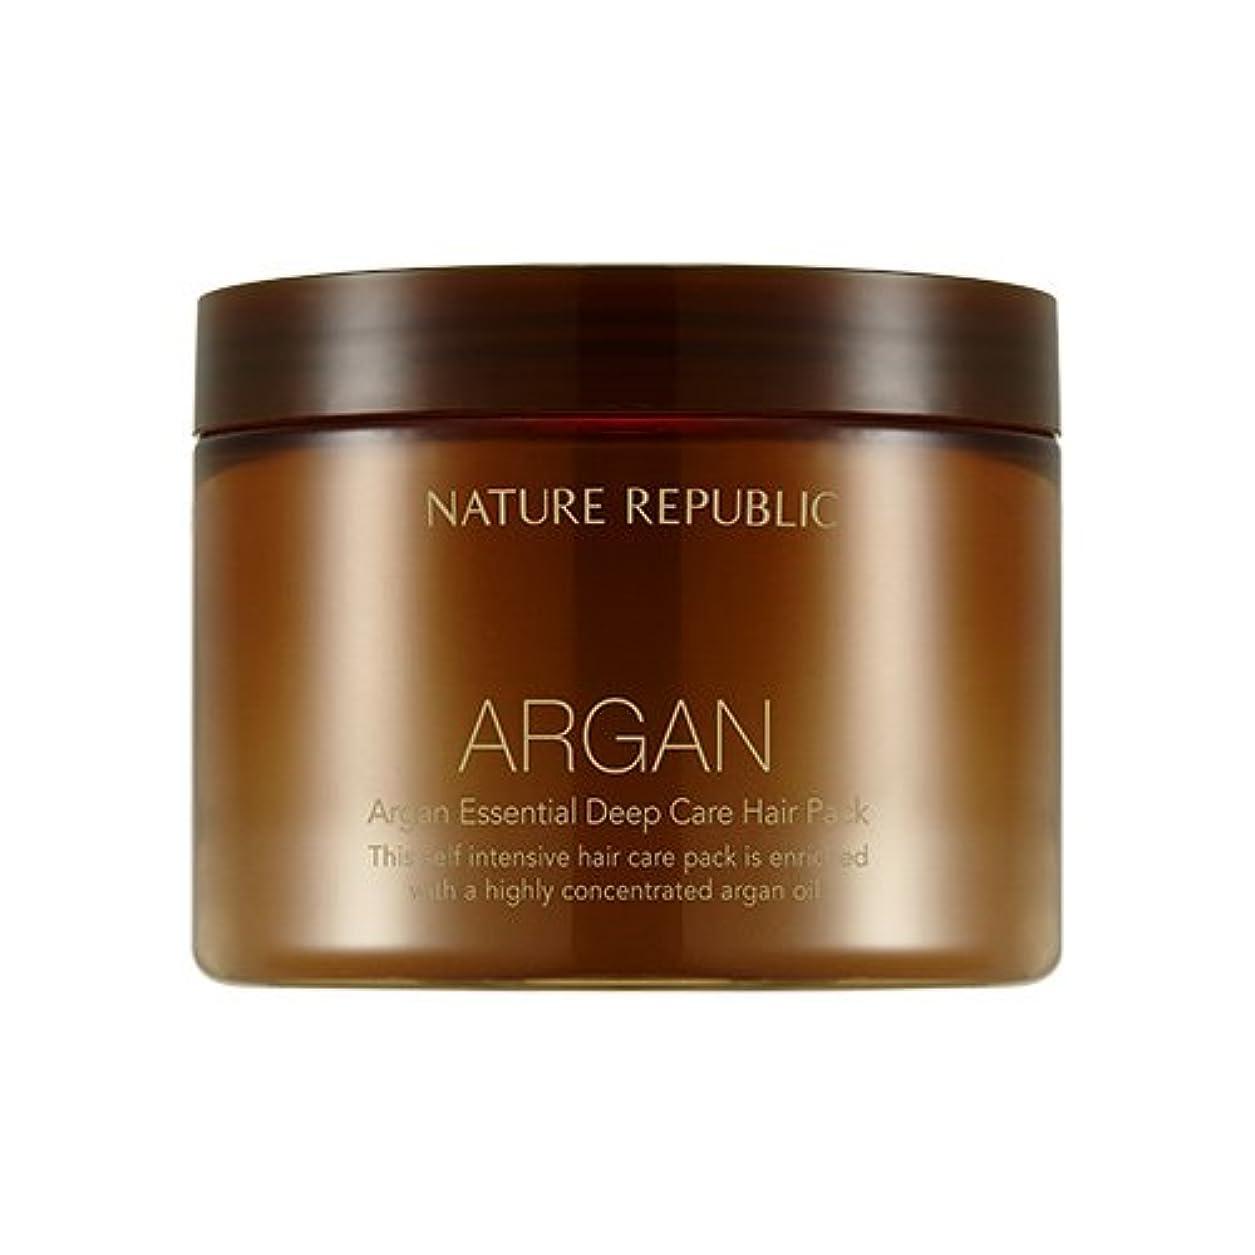 パスタコンバーチブルお気に入りNATURE REPUBLIC Argan Essential Deep Care Hair Pack 470ml ネイチャーリパブリック アルガンエッセンシャルディープケアヘアパック 470ml [並行輸入品]